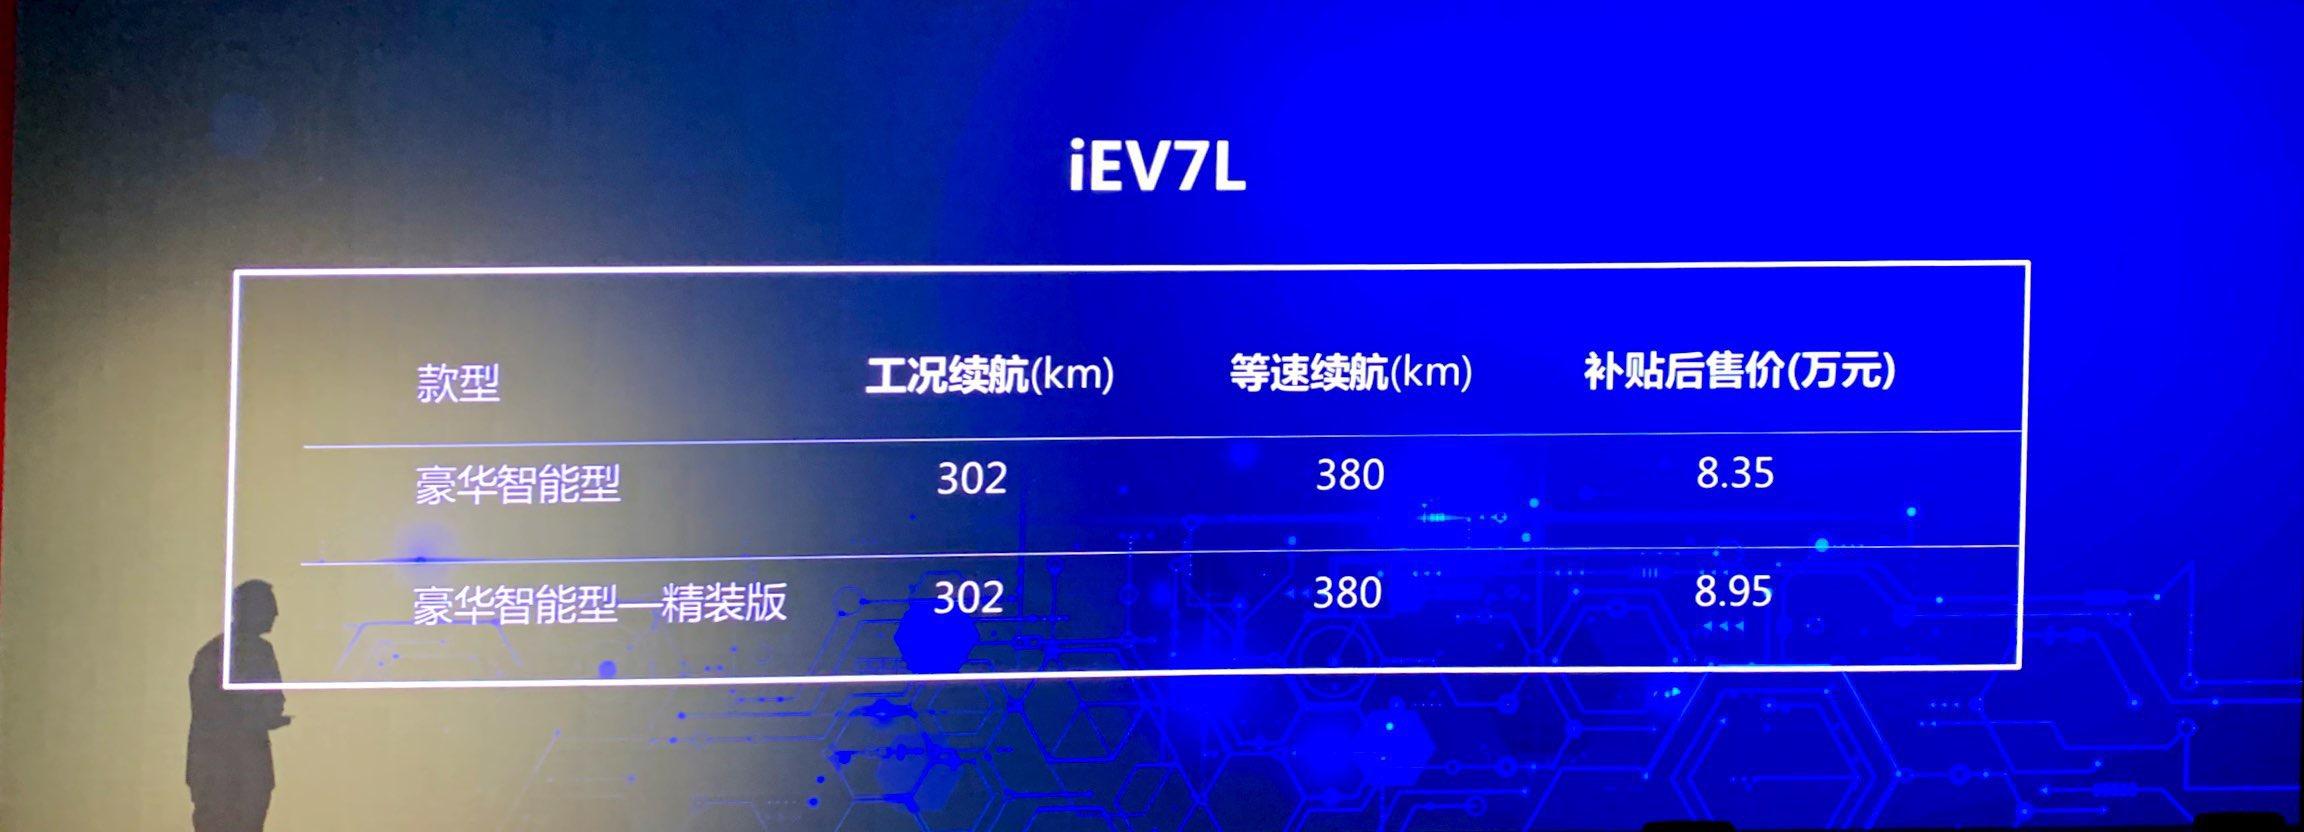 江淮iEV7L价格发布 补贴后8.35-8.95万元